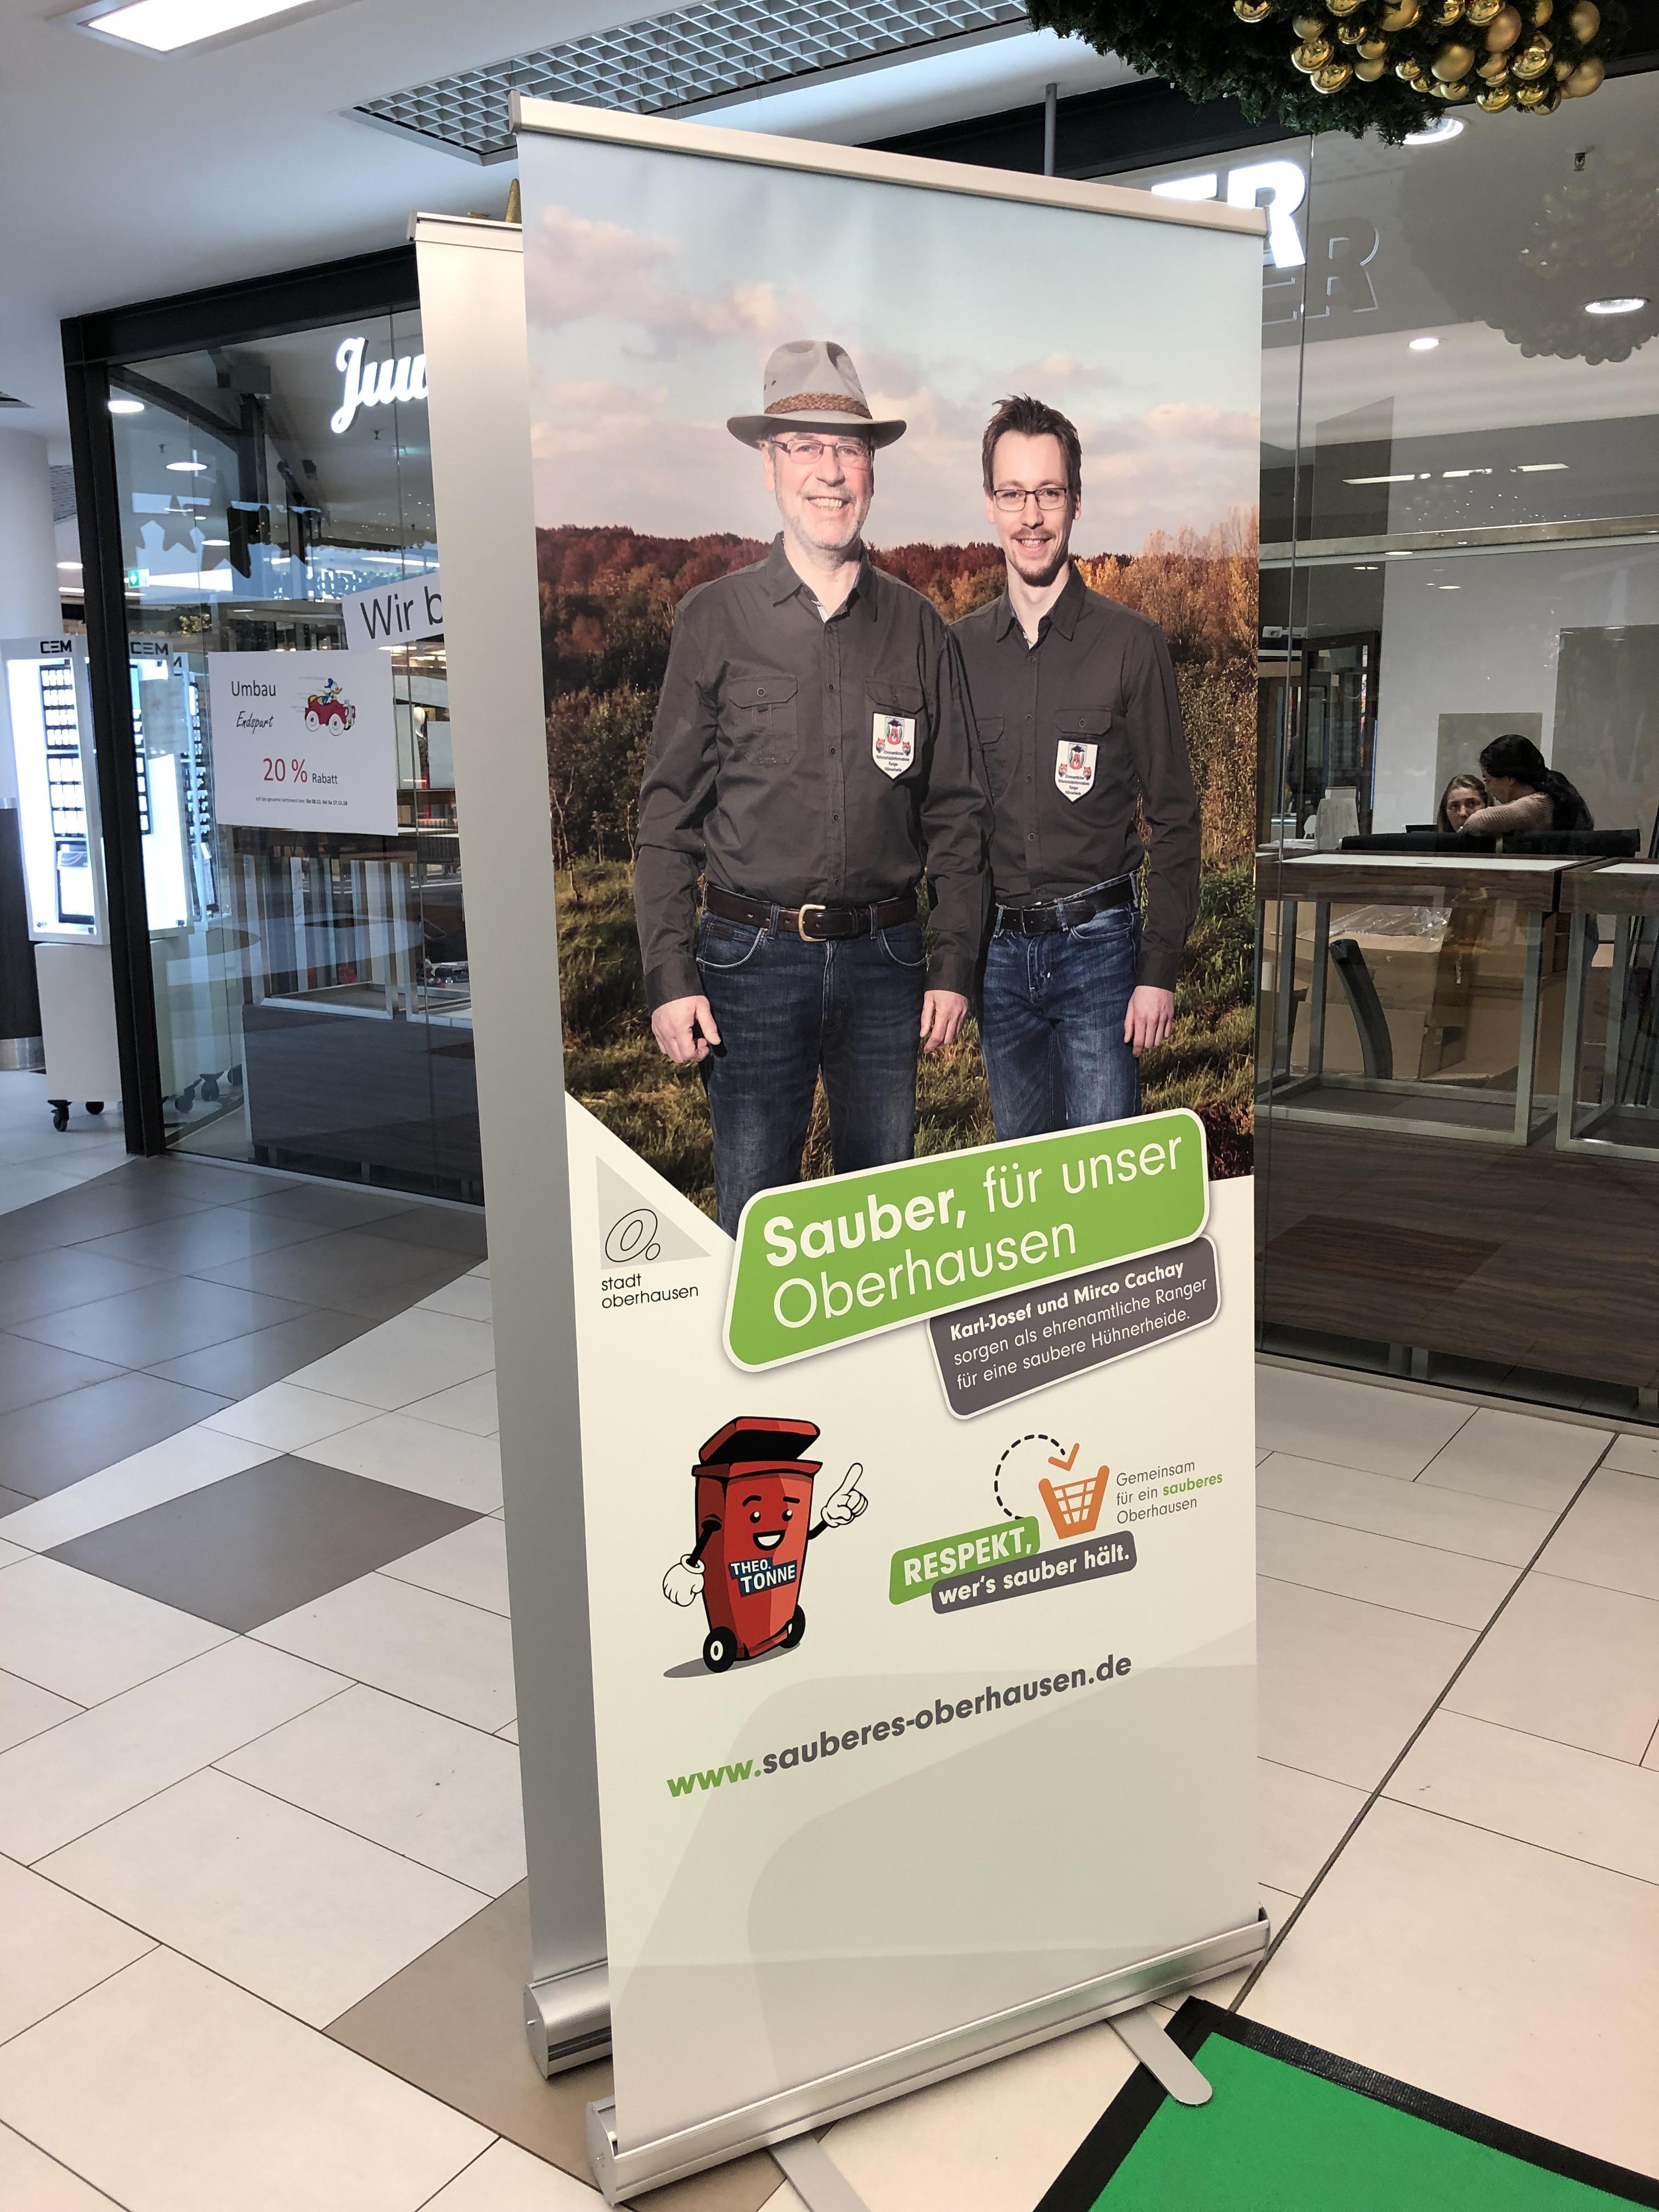 Bero Center Oberhausen öffnungszeiten : bero center 2018 gemeinsam f r ein sauberes oberhausen ~ Watch28wear.com Haus und Dekorationen